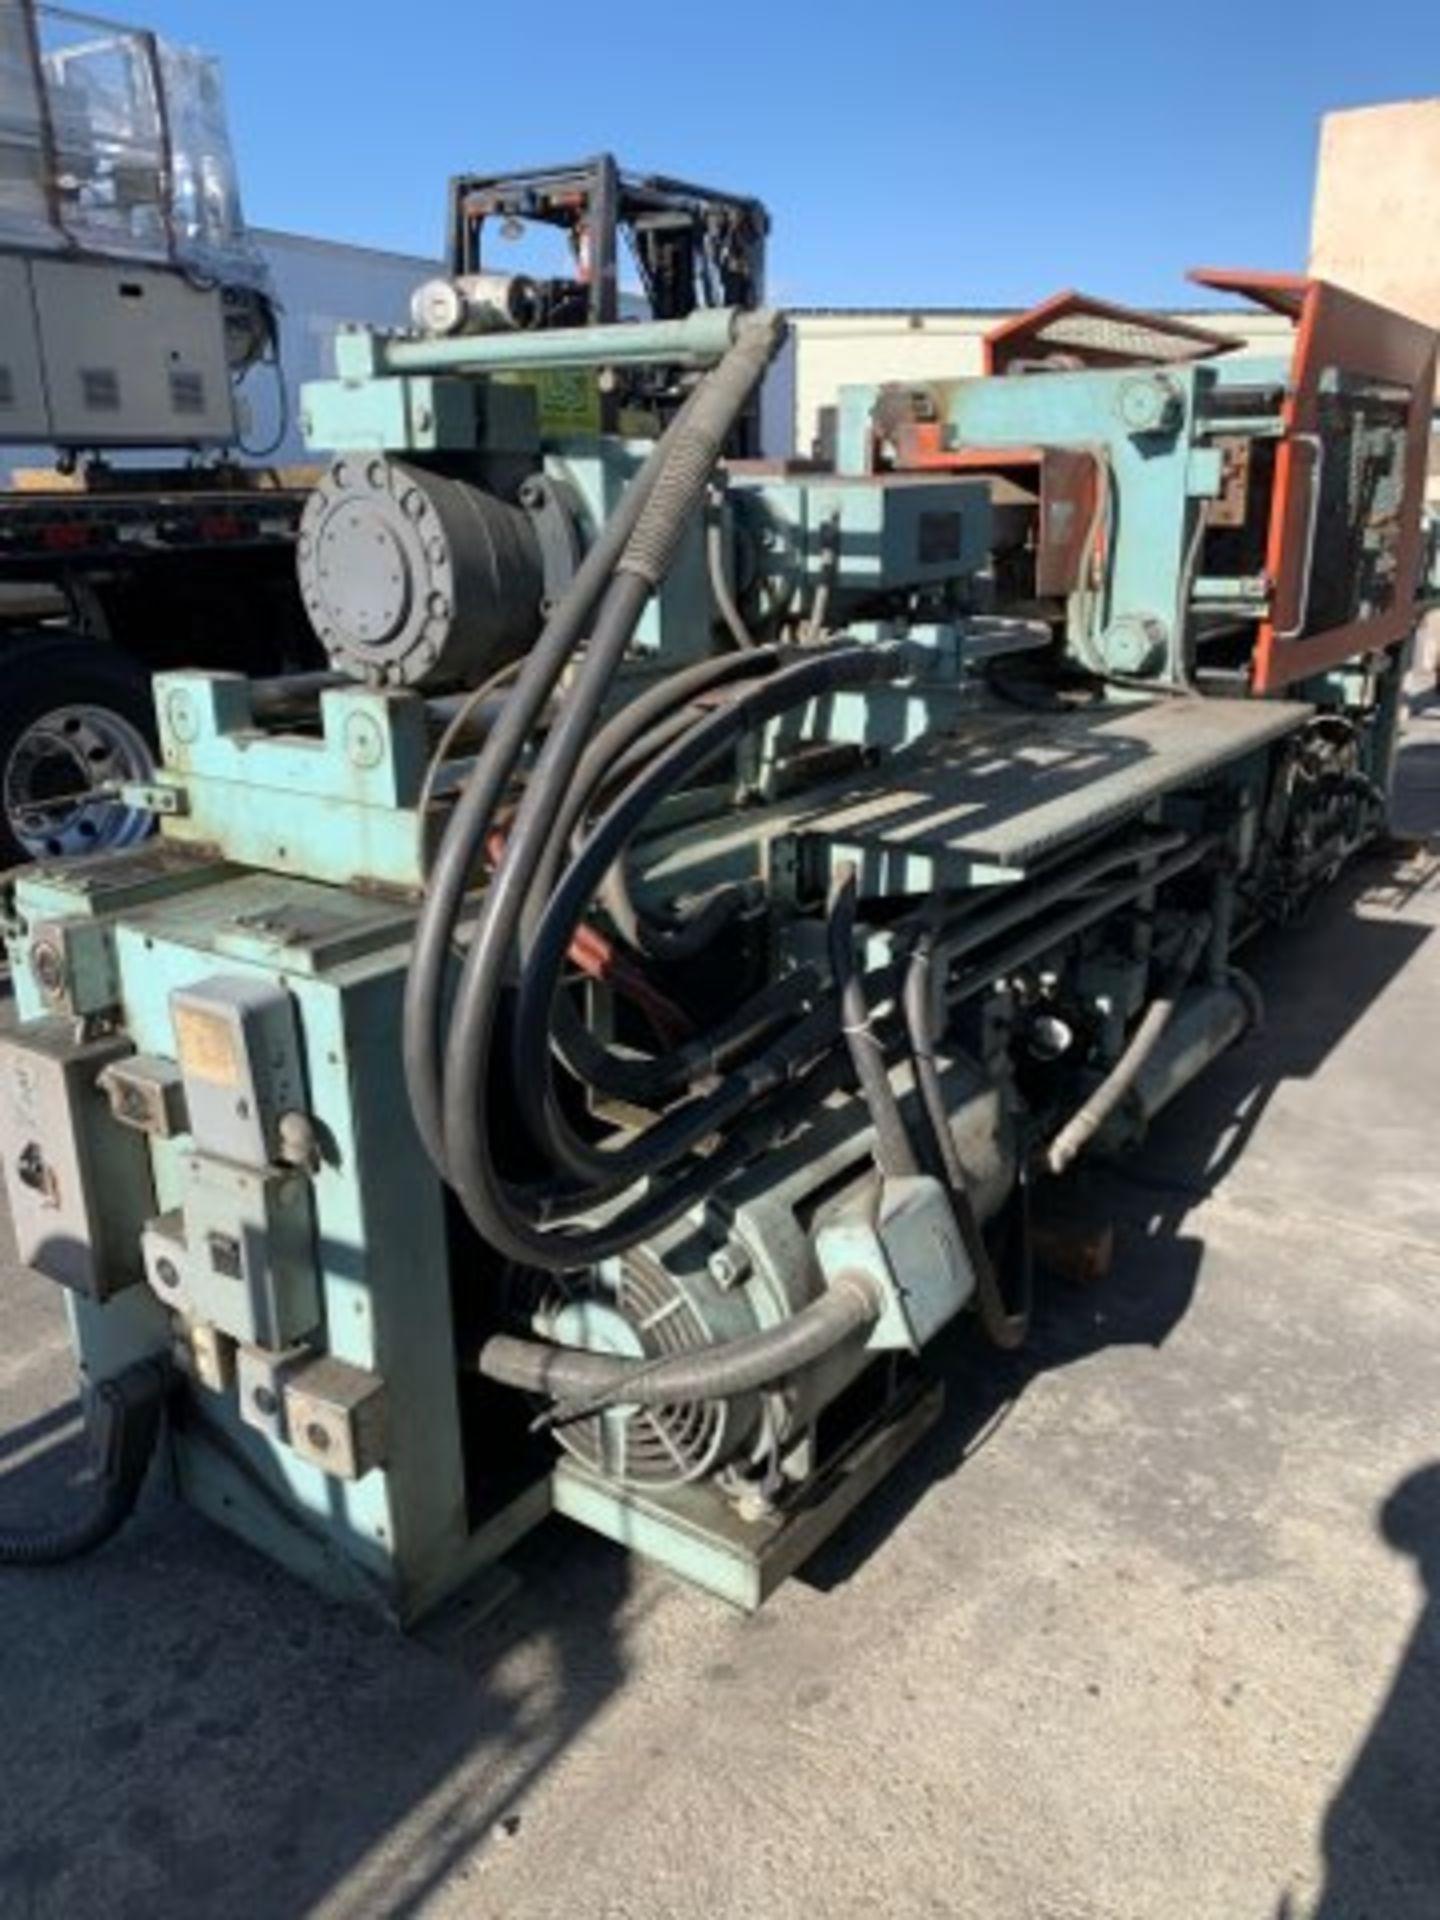 225 TON TOSHIBA ISC225 INJECTION MOLDING MACHINE - Image 2 of 4